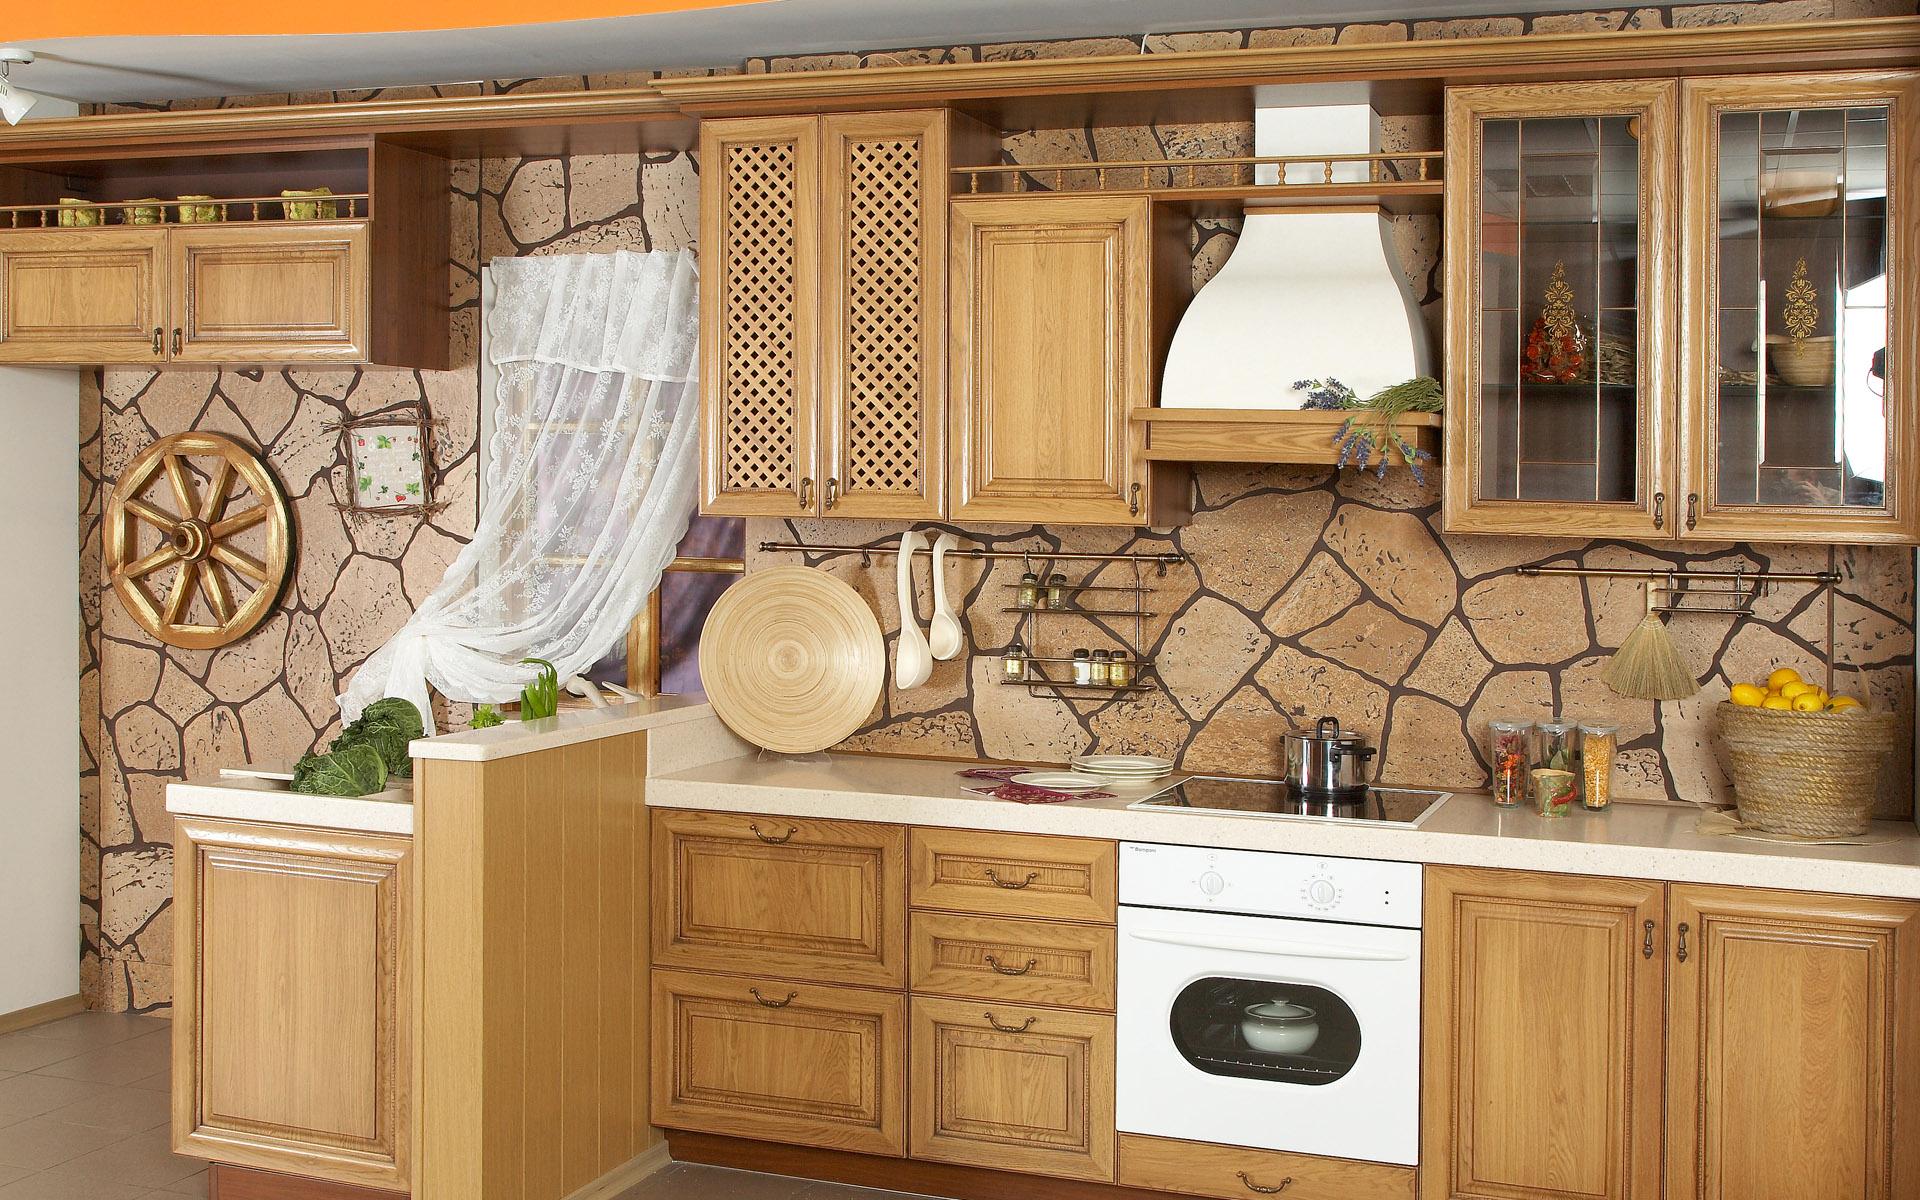 Бело-коричневый интерьер кухни в стиле кантри